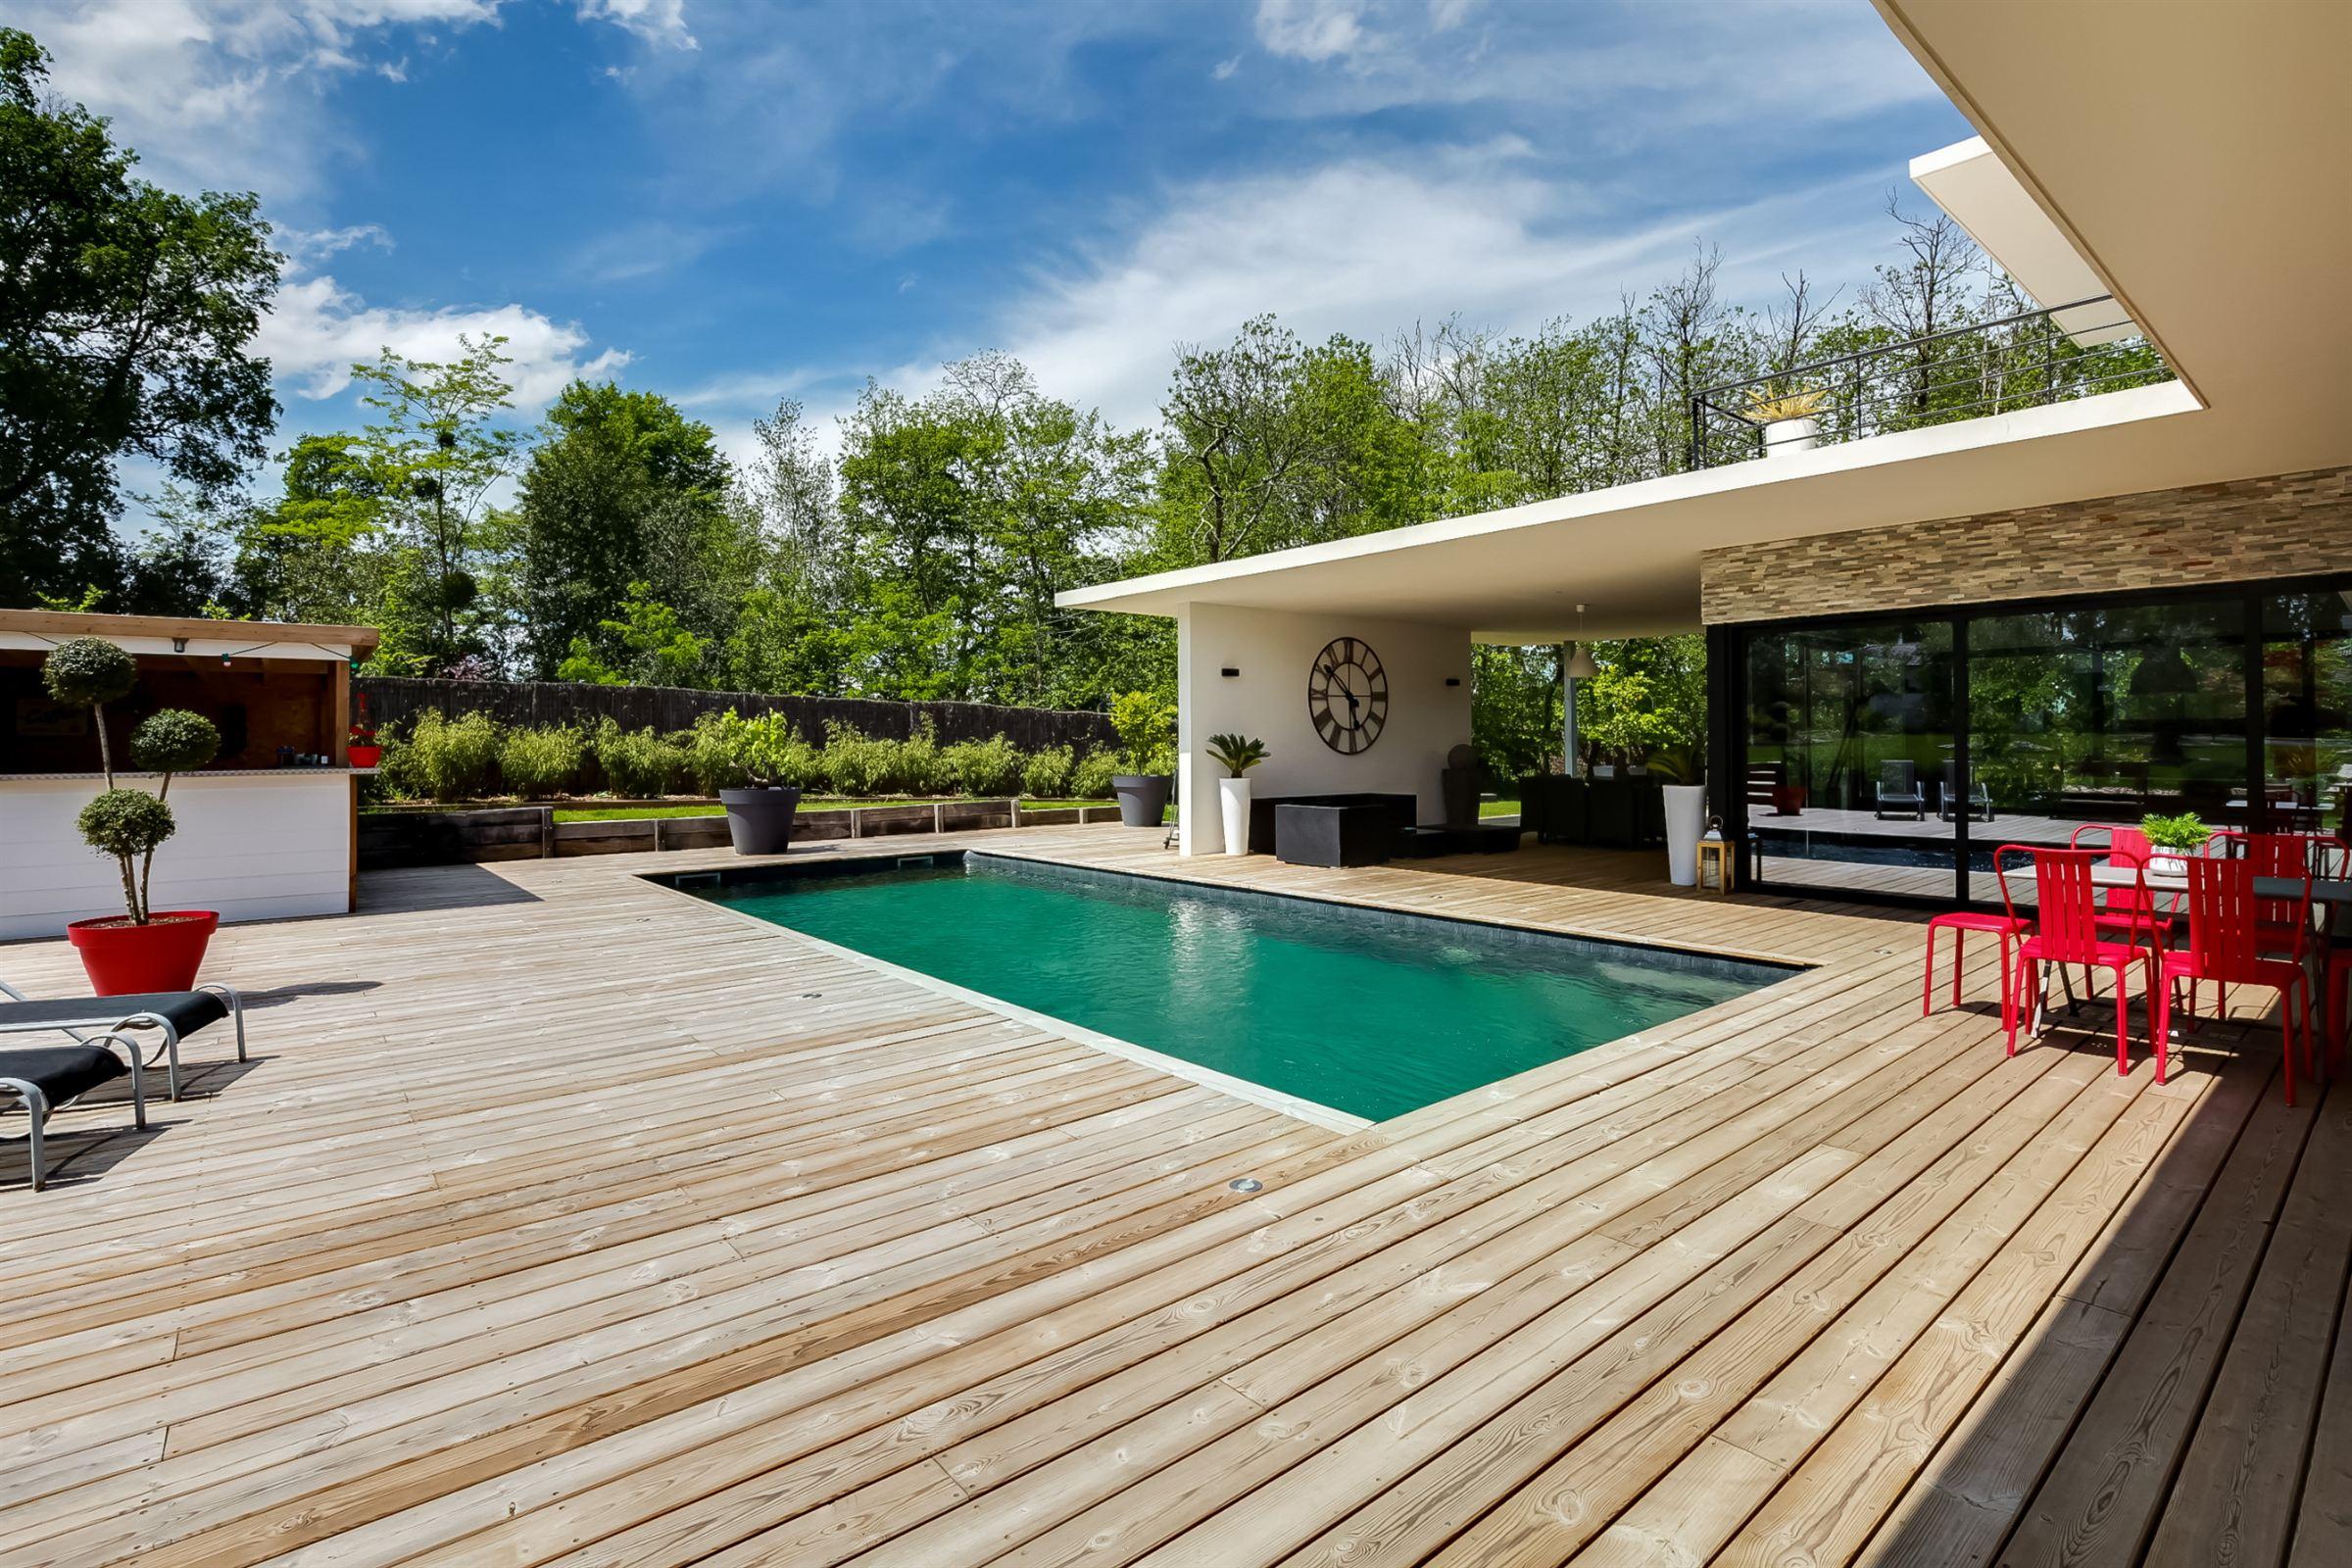 Einfamilienhaus für Verkauf beim BOULIAC LOVELY ARCHITECT HOME IN A LANDSCAPED GARDEN Bordeaux, Aquitanien, 33000 Frankreich